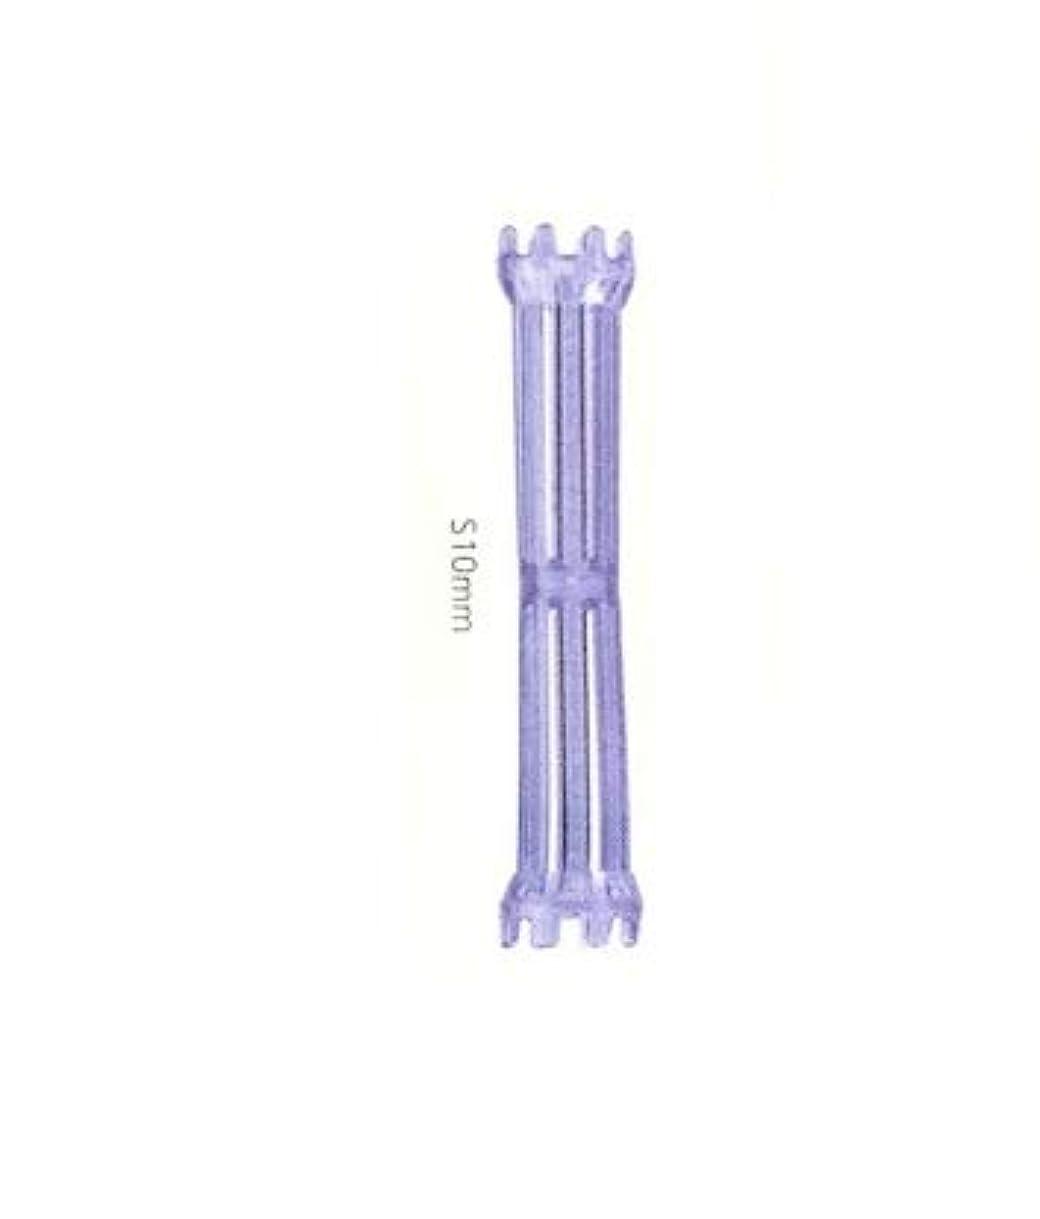 クレデンシャル受け継ぐ窓を洗うNEO ANION EX ロッド ネオ アニオン 国家試験対応 パーマロッド (S10mm)